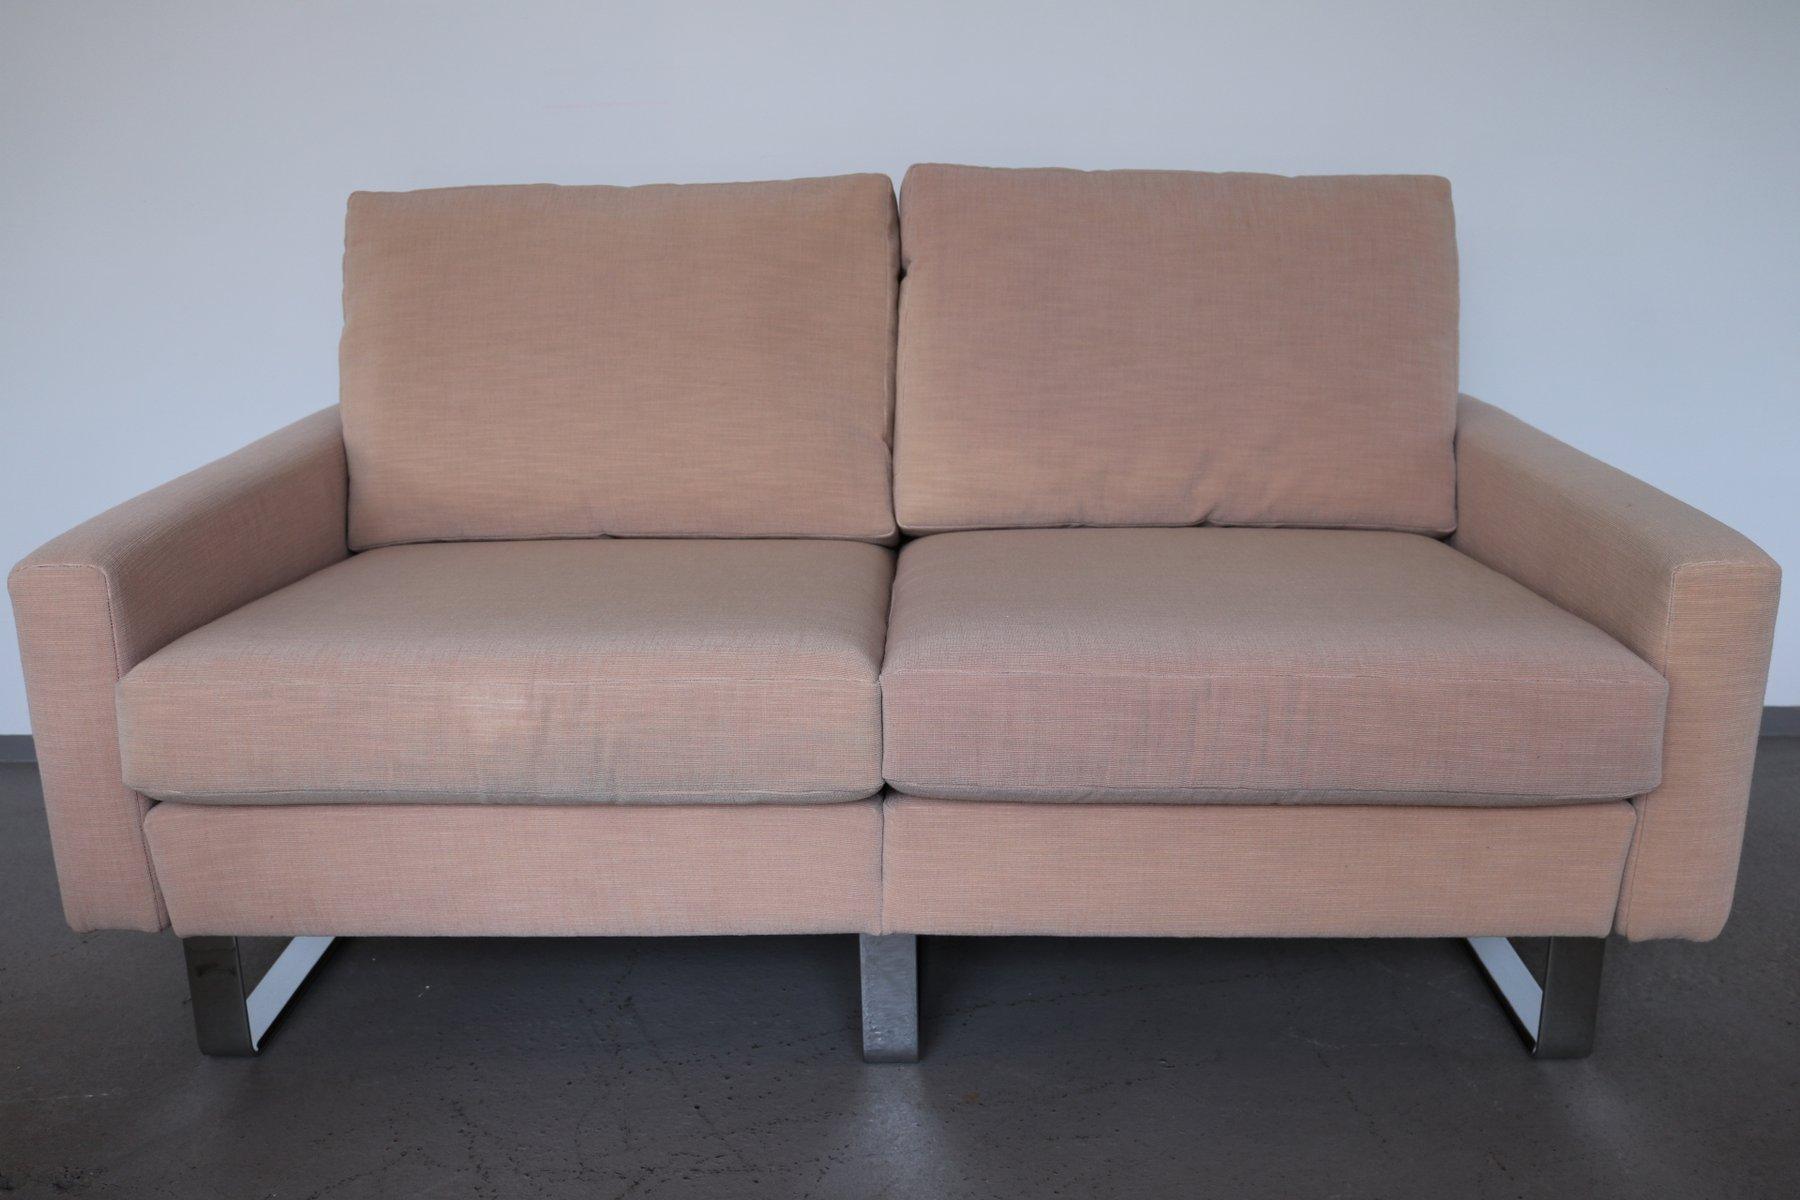 conseta sessel sofa tisch von f w m ller f r cor 1960 bei pamono kaufen. Black Bedroom Furniture Sets. Home Design Ideas